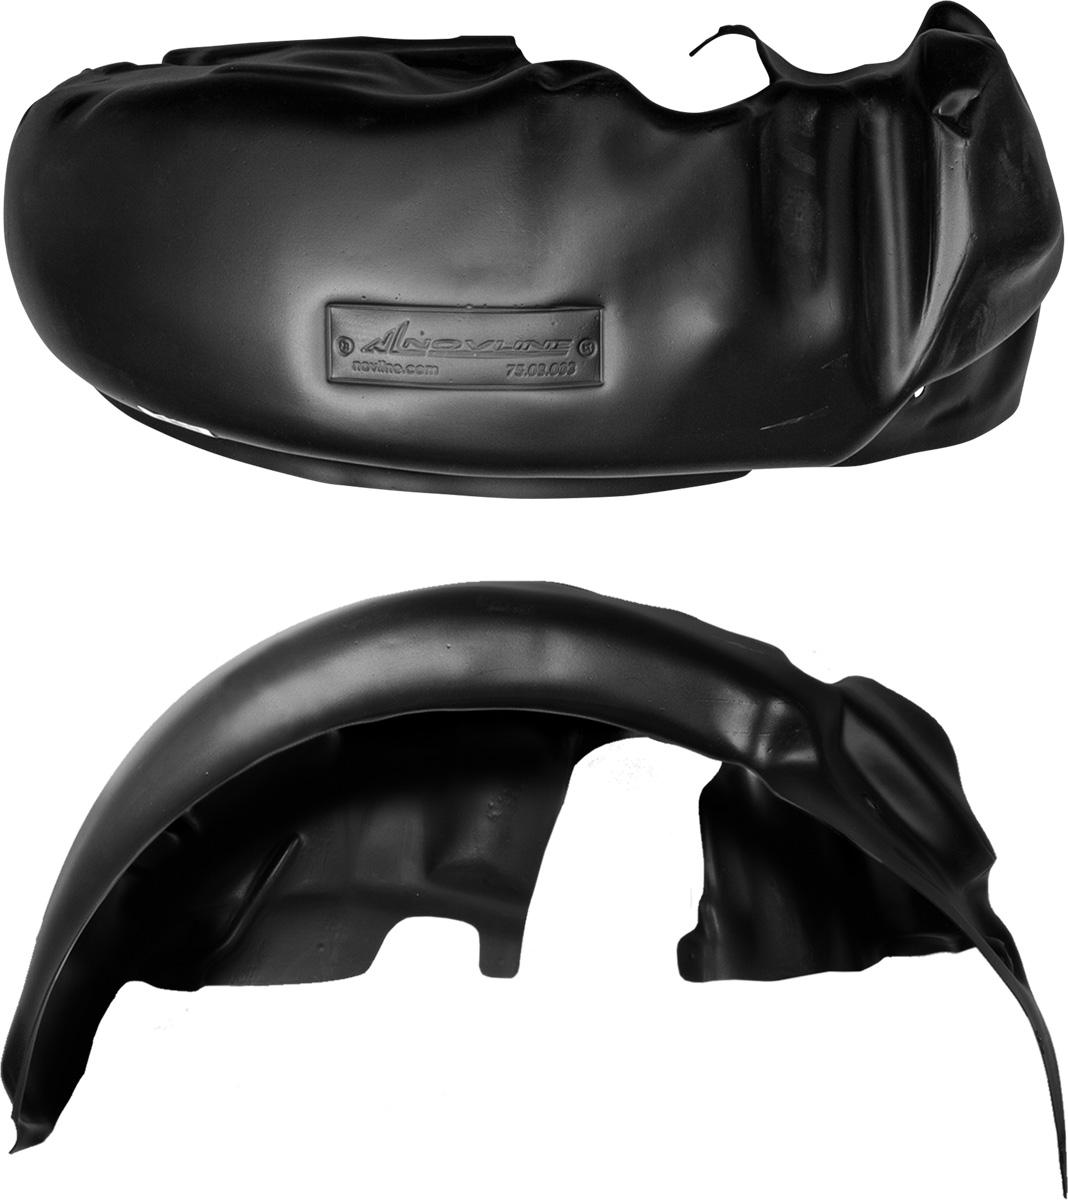 Подкрылок TOYOTA Land Cruiser 200, 11/2007- 2011, 2012-2015, 2015->, задний правыйNLL.48.17.004Колесные ниши – одни из самых уязвимых зон днища вашего автомобиля. Они постоянно подвергаются воздействию со стороны дороги. Лучшая, почти абсолютная защита для них - специально отформованные пластиковые кожухи, которые называются подкрылками, или локерами. Производятся они как для отечественных моделей автомобилей, так и для иномарок. Подкрылки выполнены из высококачественного, экологически чистого пластика. Обеспечивают надежную защиту кузова автомобиля от пескоструйного эффекта и негативного влияния, агрессивных антигололедных реагентов. Пластик обладает более низкой теплопроводностью, чем металл, поэтому в зимний период эксплуатации использование пластиковых подкрылков позволяет лучше защитить колесные ниши от налипания снега и образования наледи. Оригинальность конструкции подчеркивает элегантность автомобиля, бережно защищает нанесенное на днище кузова антикоррозийное покрытие и позволяет осуществить крепление подкрылков внутри колесной арки практически без дополнительного...